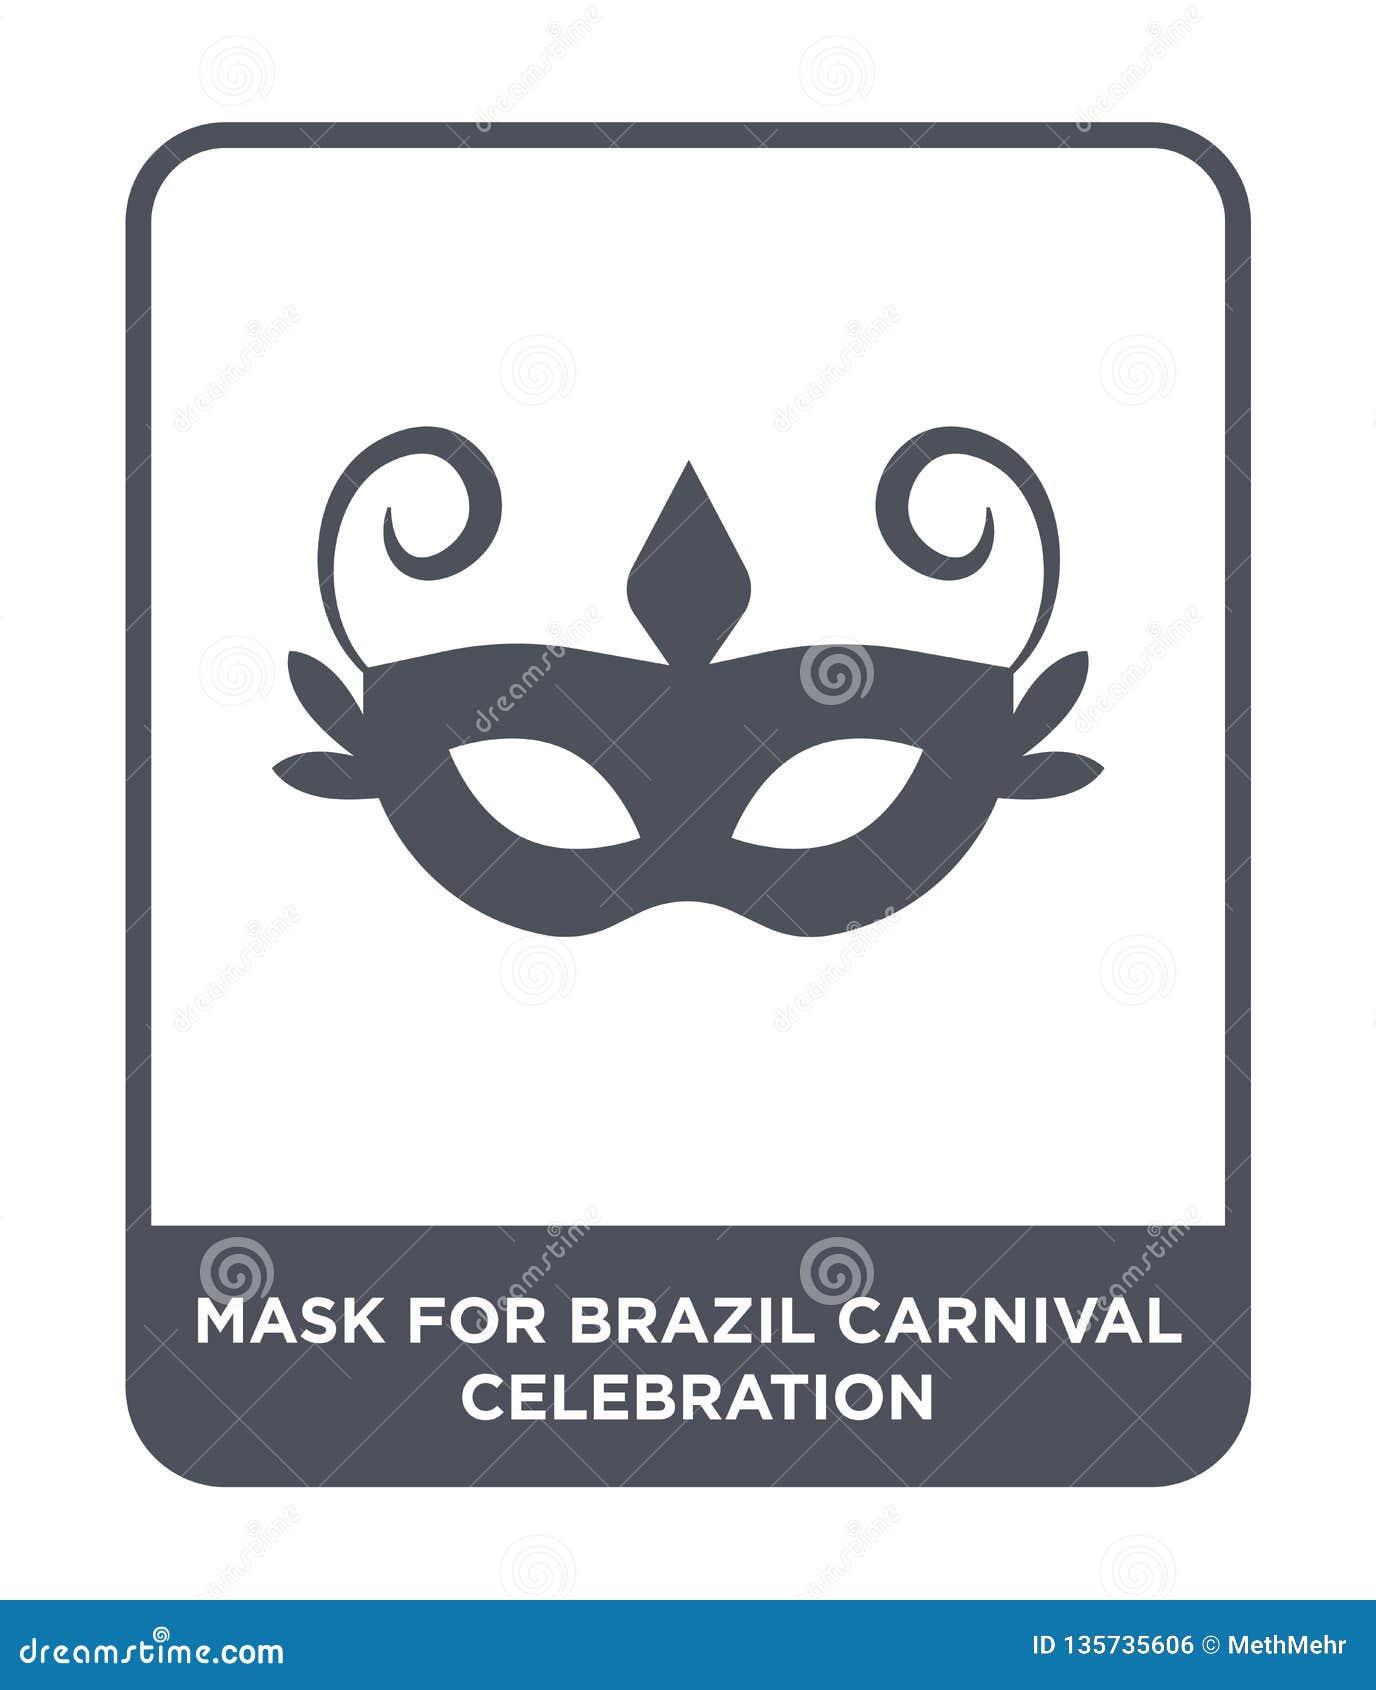 Masker voor de vieringspictogram van Brazilië Carnaval in in ontwerpstijl masker voor de vieringspictogram van Brazilië Carnaval